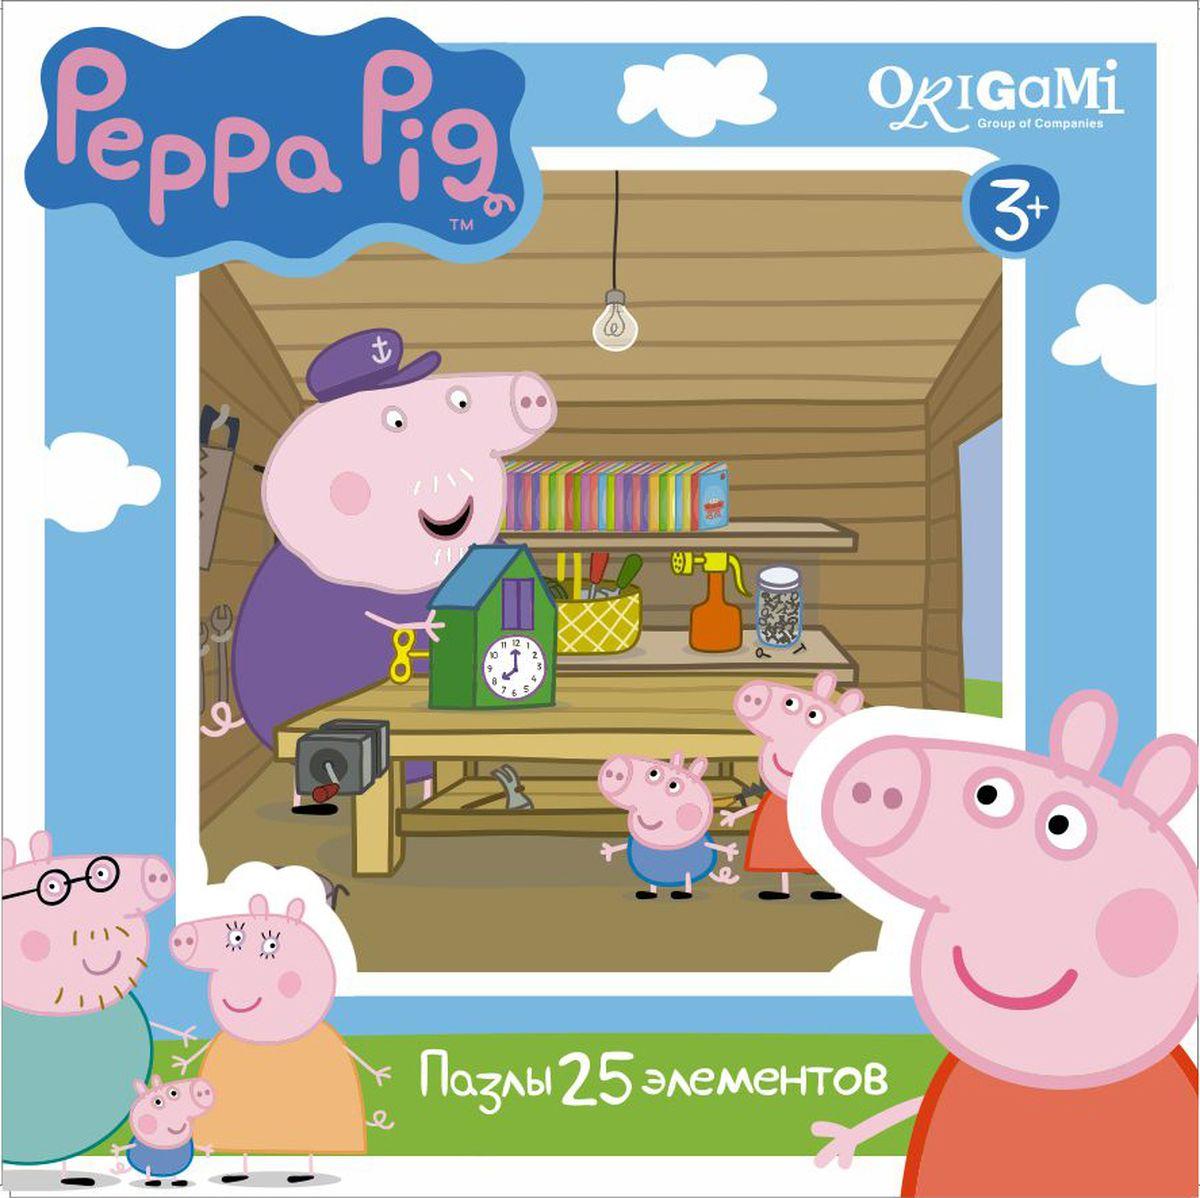 Оригами Пазл для малышей Peppa Pig 01580 origami пазл peppa pig семья кроликов 24 детали